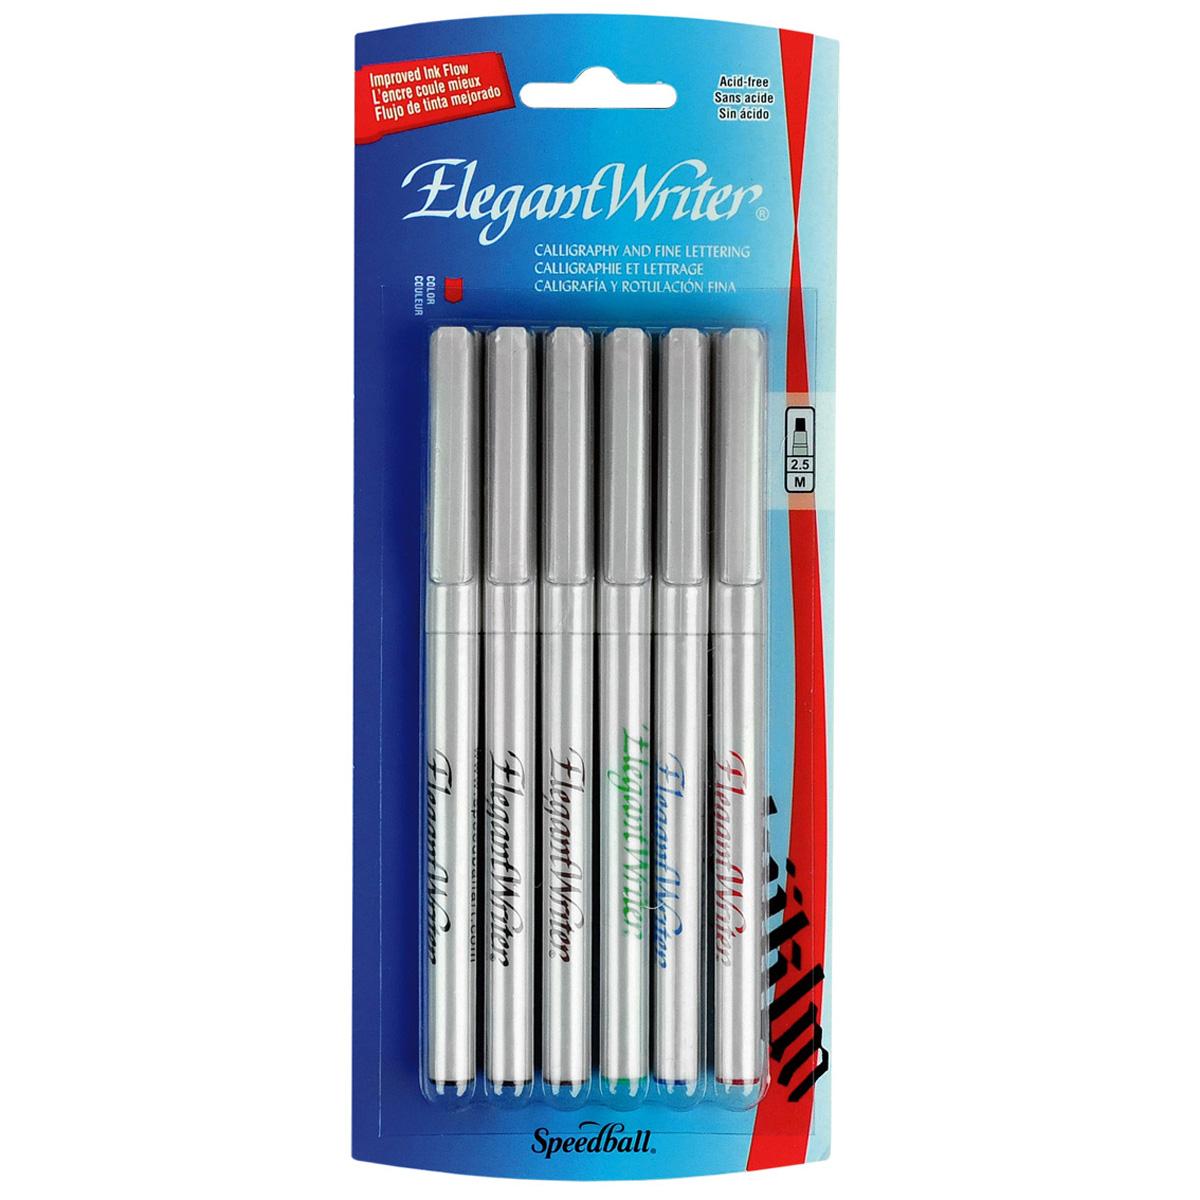 Speedball� elegant writer� marker set medium